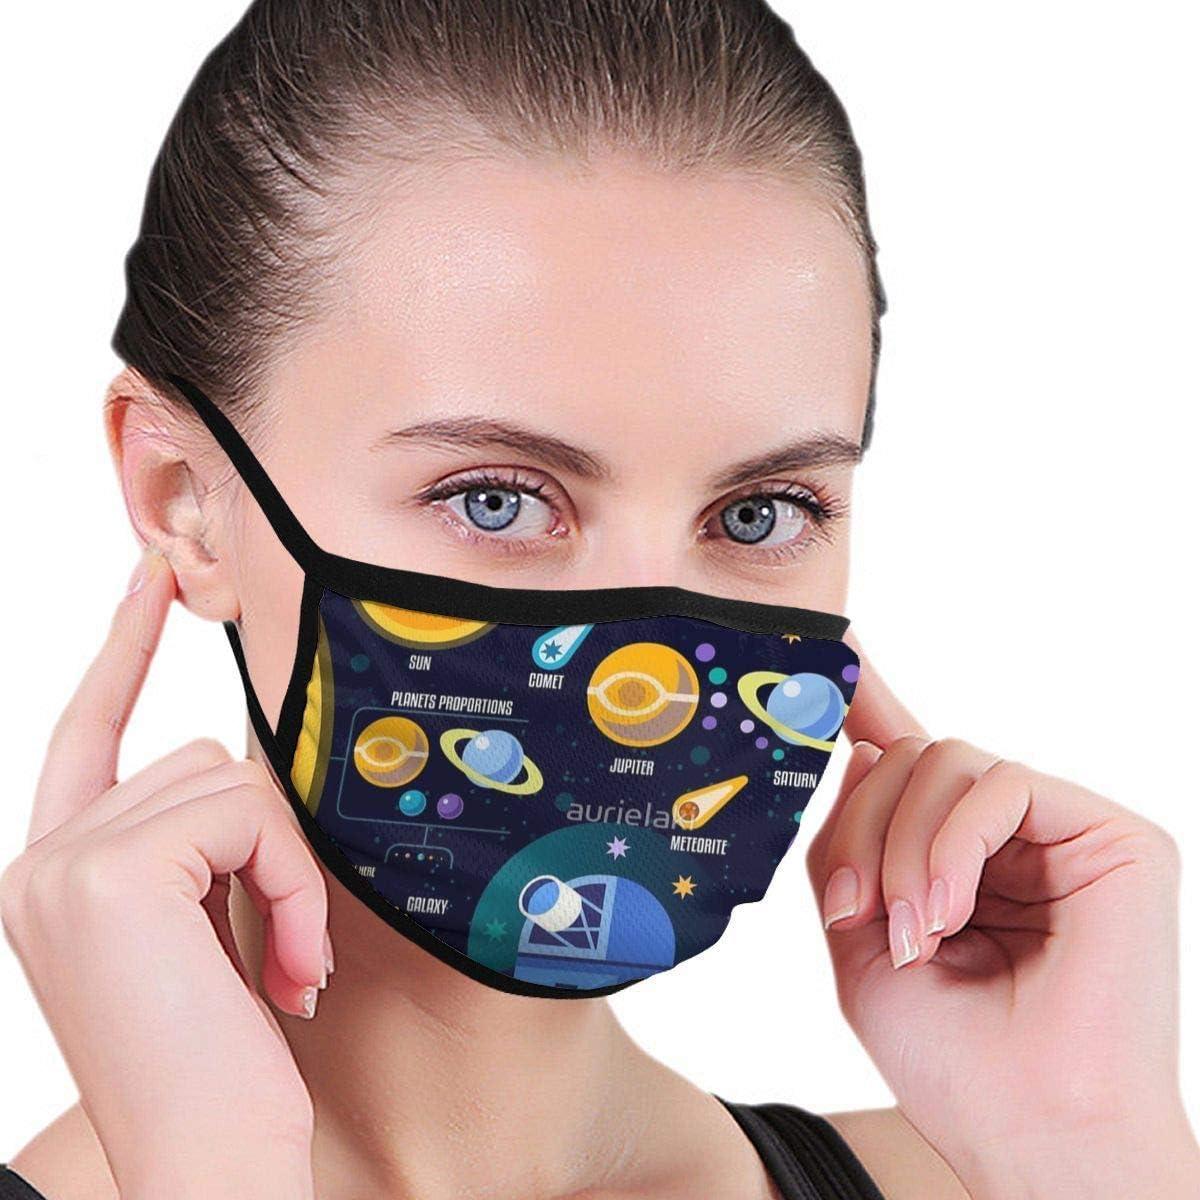 HomePink Moda Boca máscara mascarilla para niños Adolescentes Hombres Mujeres, Espacio Universo Solar Big Bang